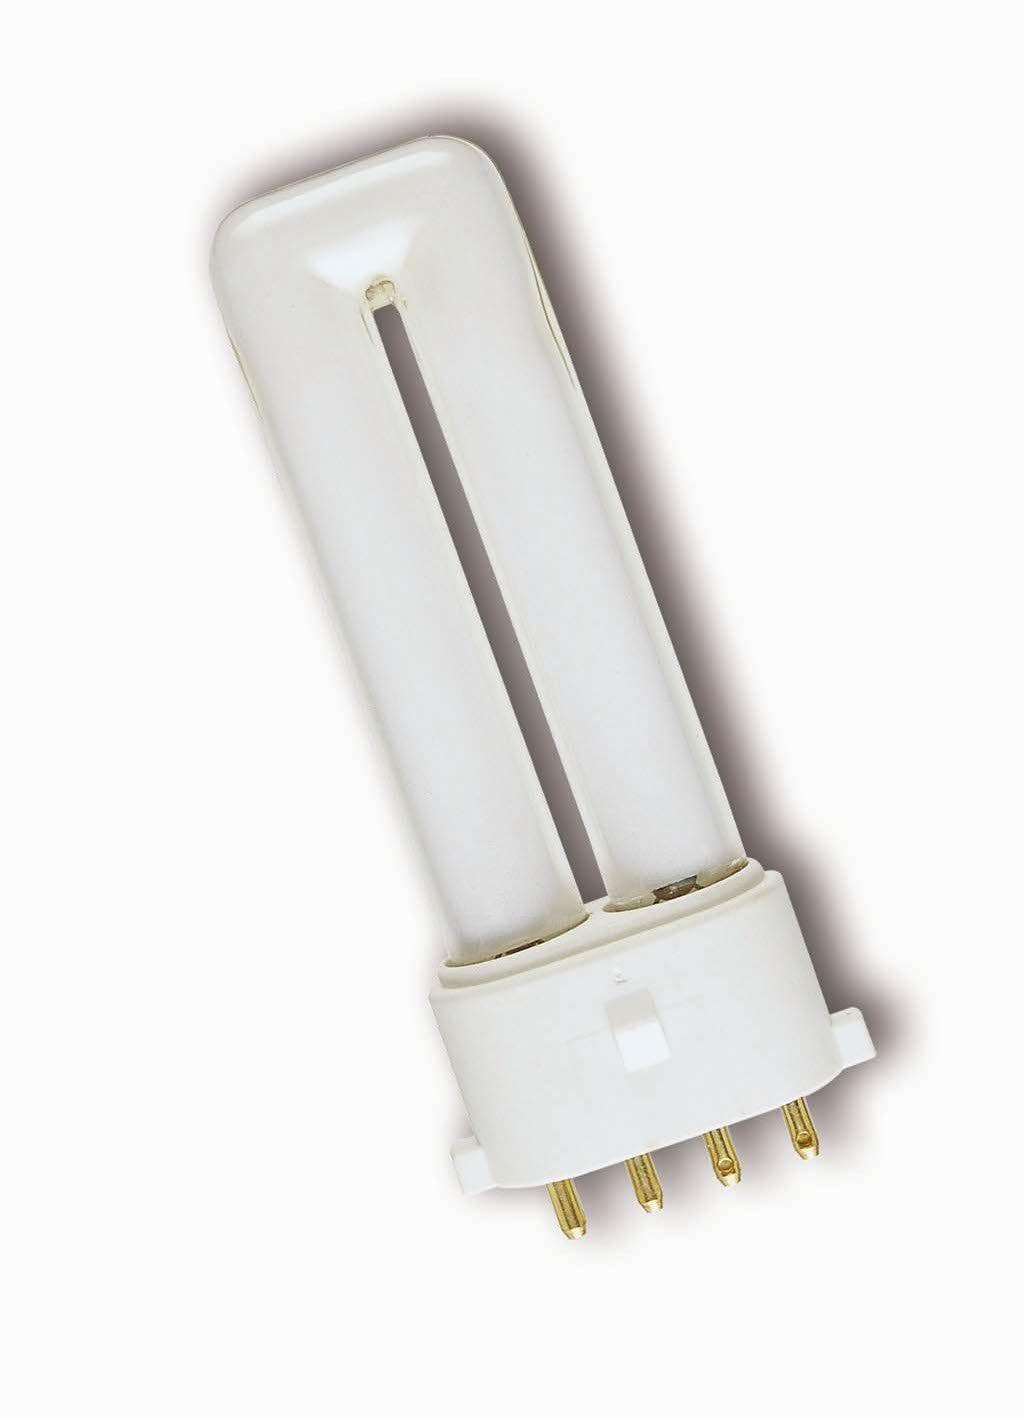 GE Biax-S/E 11W - 827 - Extra Warm White